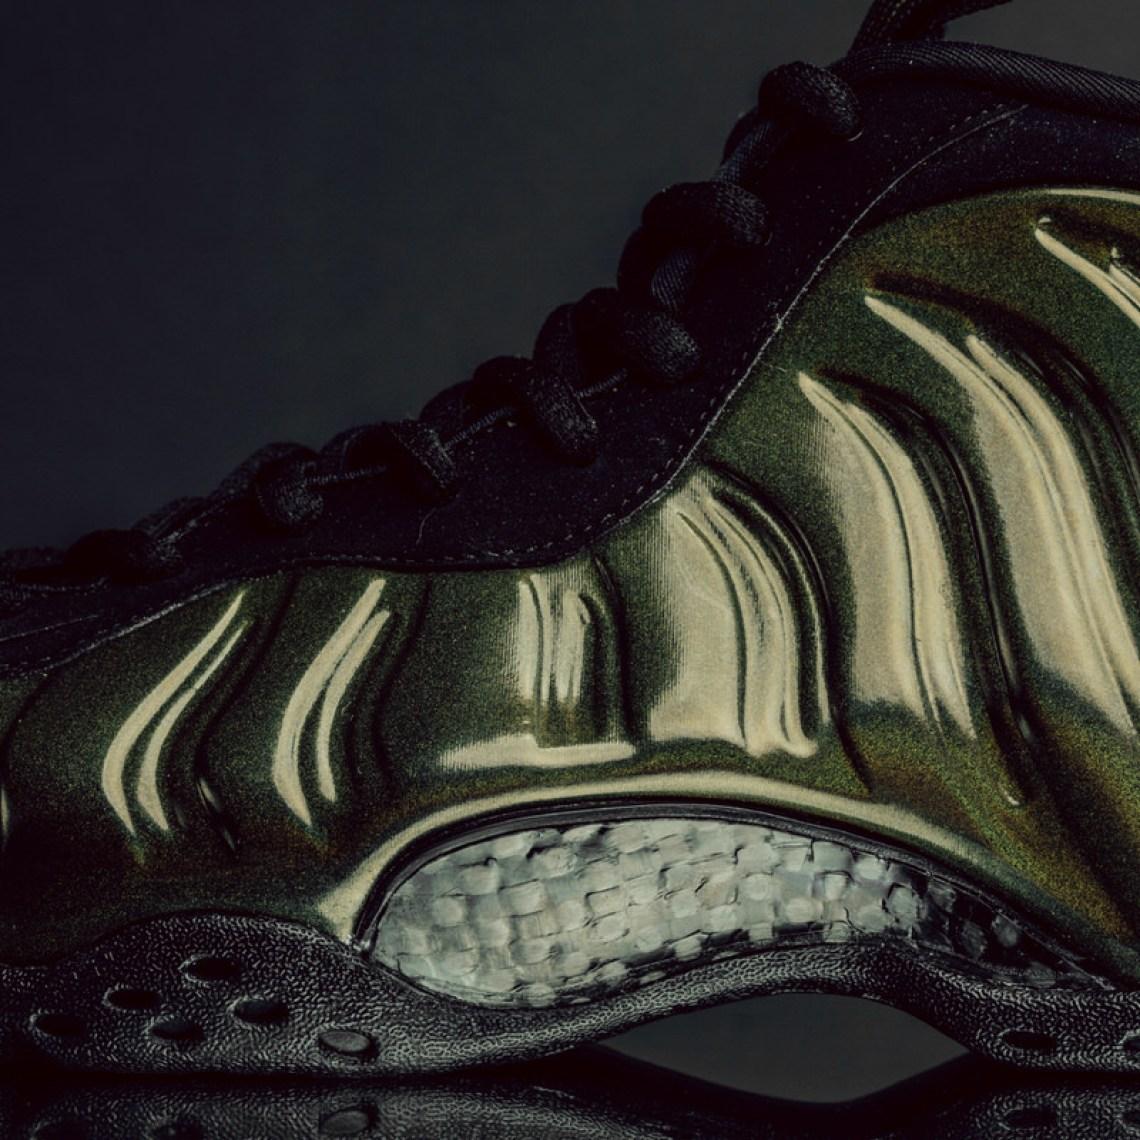 b7002cd716ee7 Nike Air Foamposite One